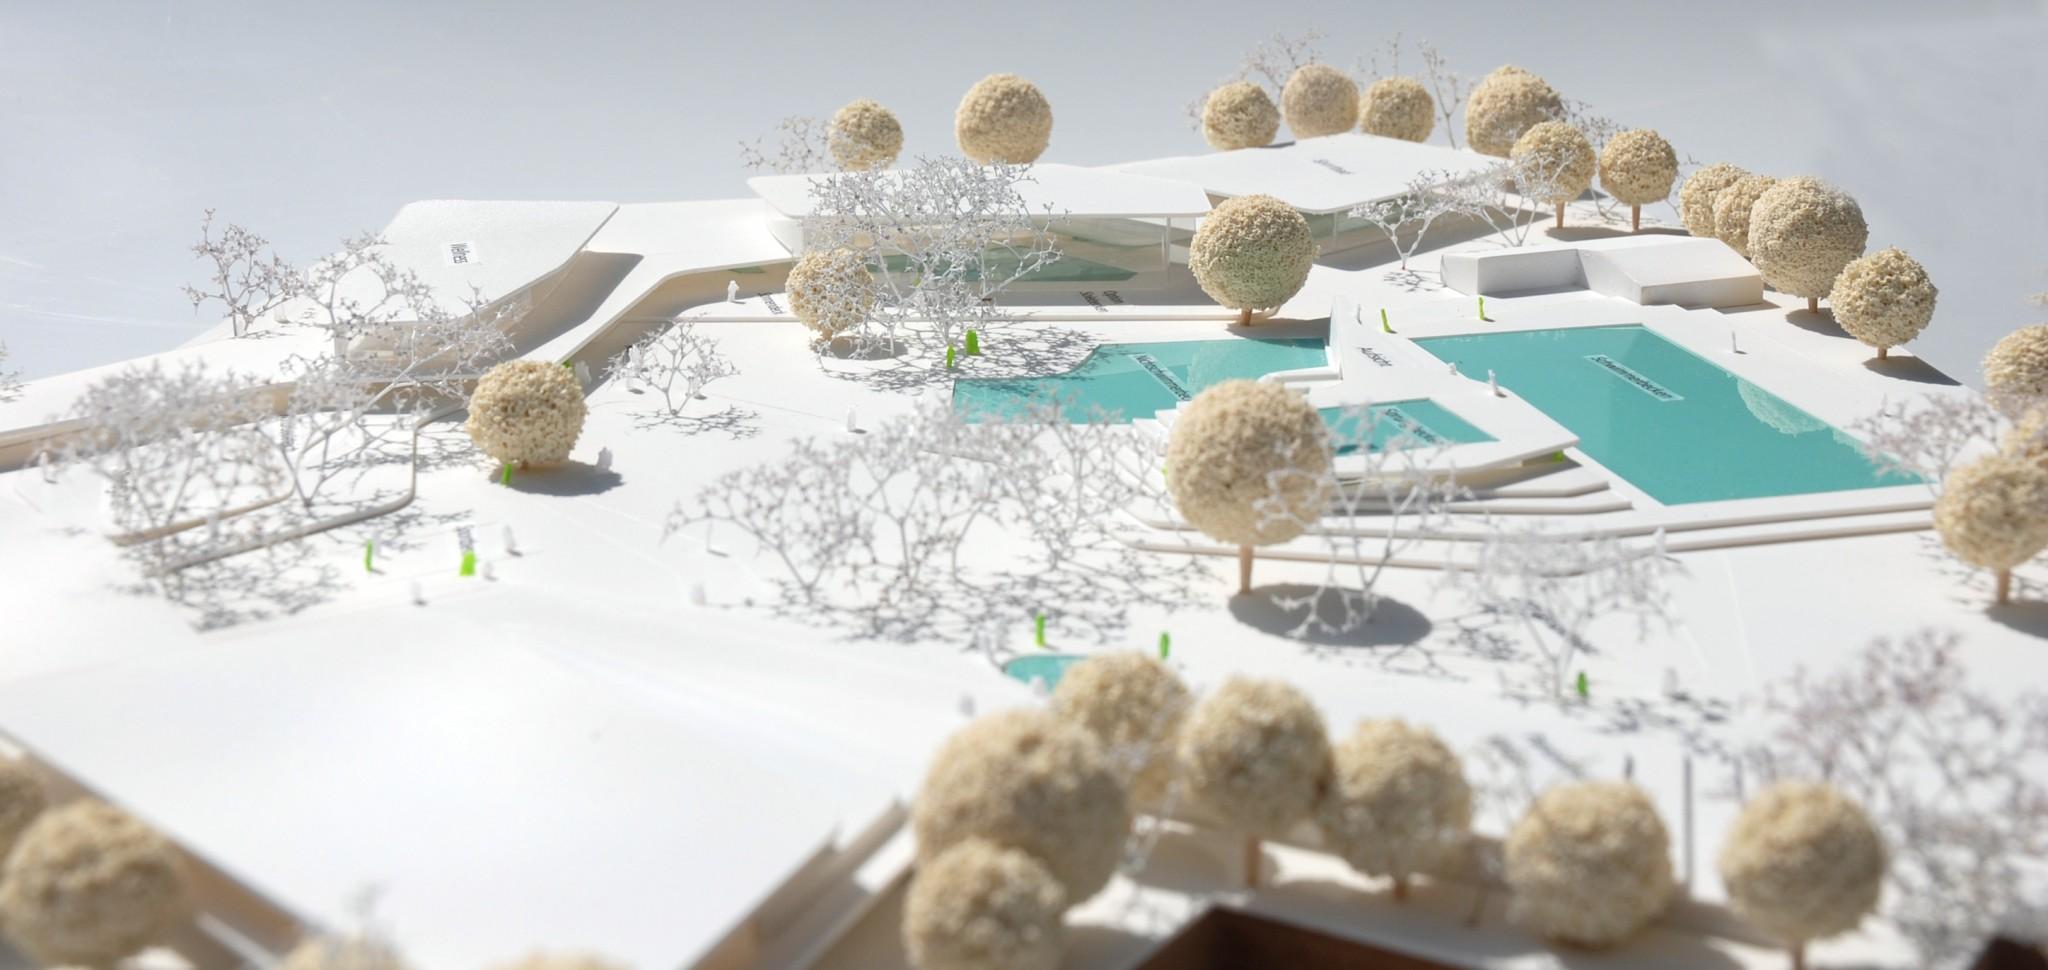 Sport und freizeitbad freising muenchenarchitektur - Behnisch architekten boston ...